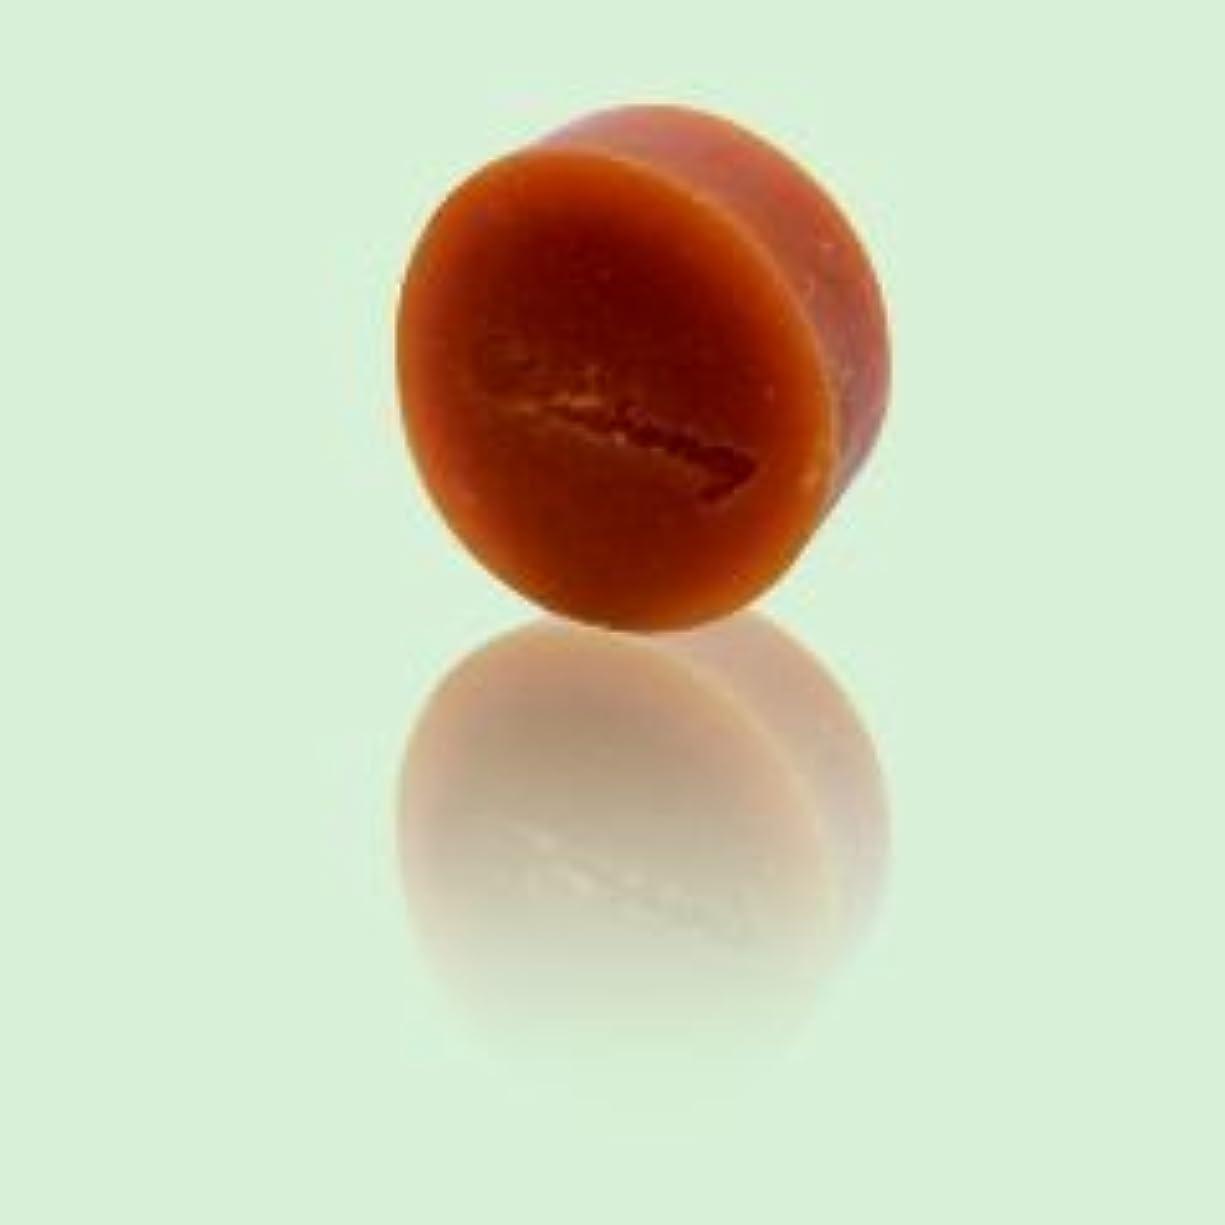 祭りディスコ男性LALAHONEY 石鹸〈スパイスの香り〉20g【手作りでシンプルなコールドプロセス製法】